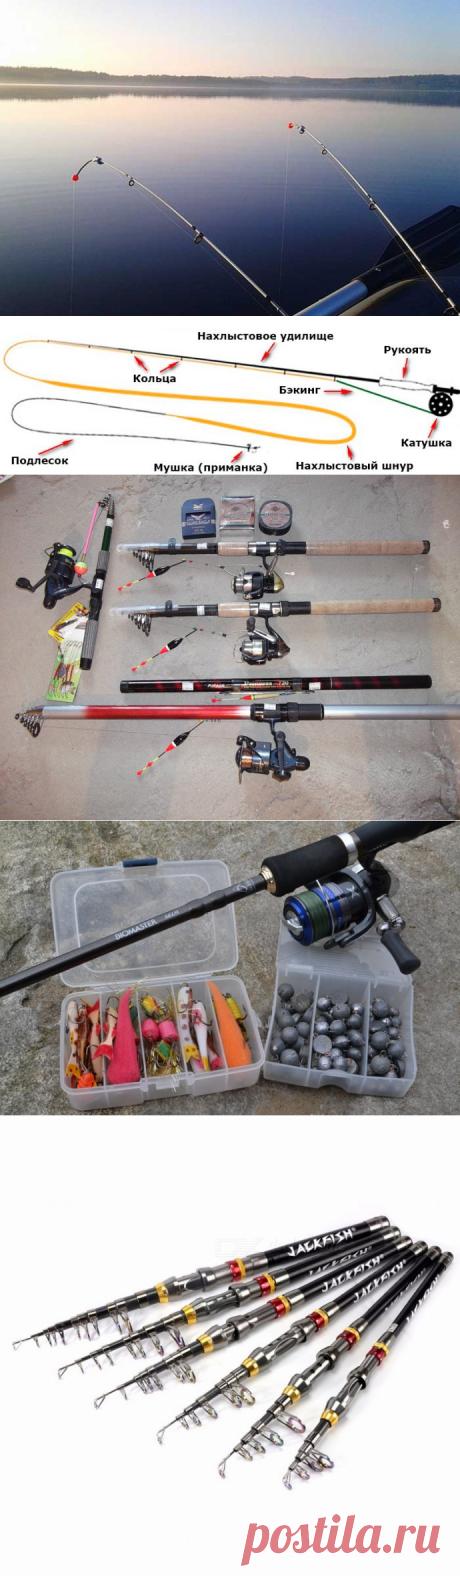 Удочки для летней рыбалки: виды снаряжения и выбор модели